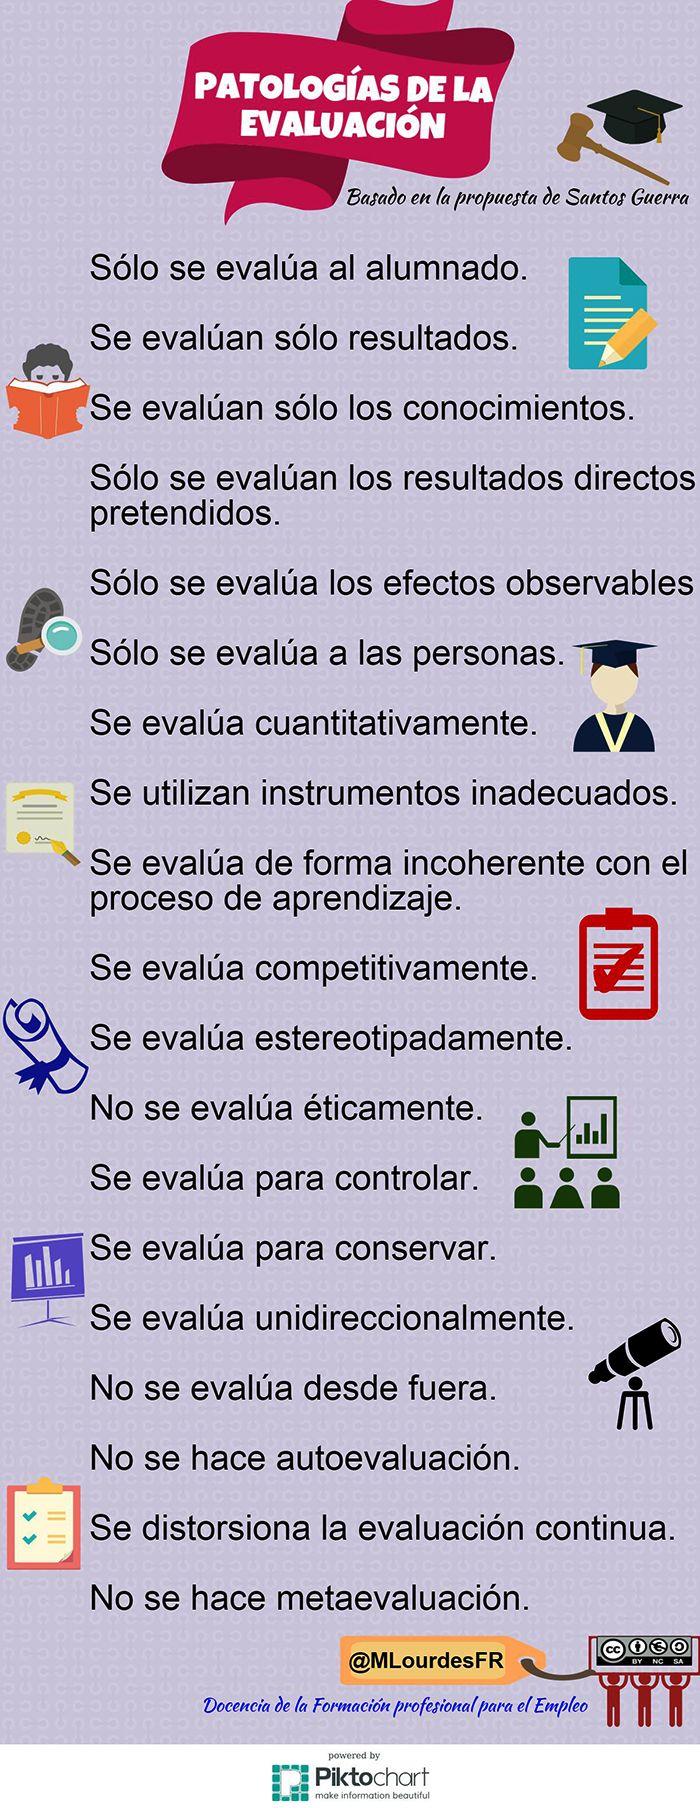 infografia-patologías-de-la-evaluación-Magazine-INED21